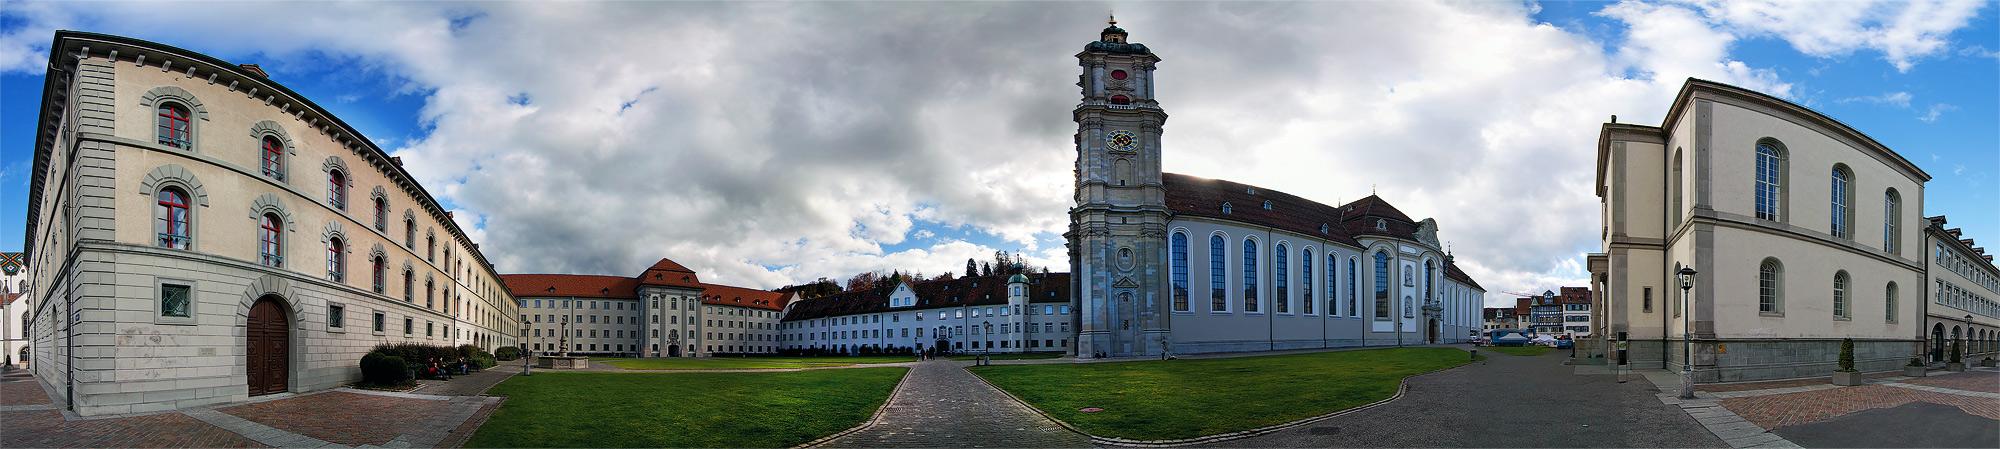 Klosterhof St. Gallen